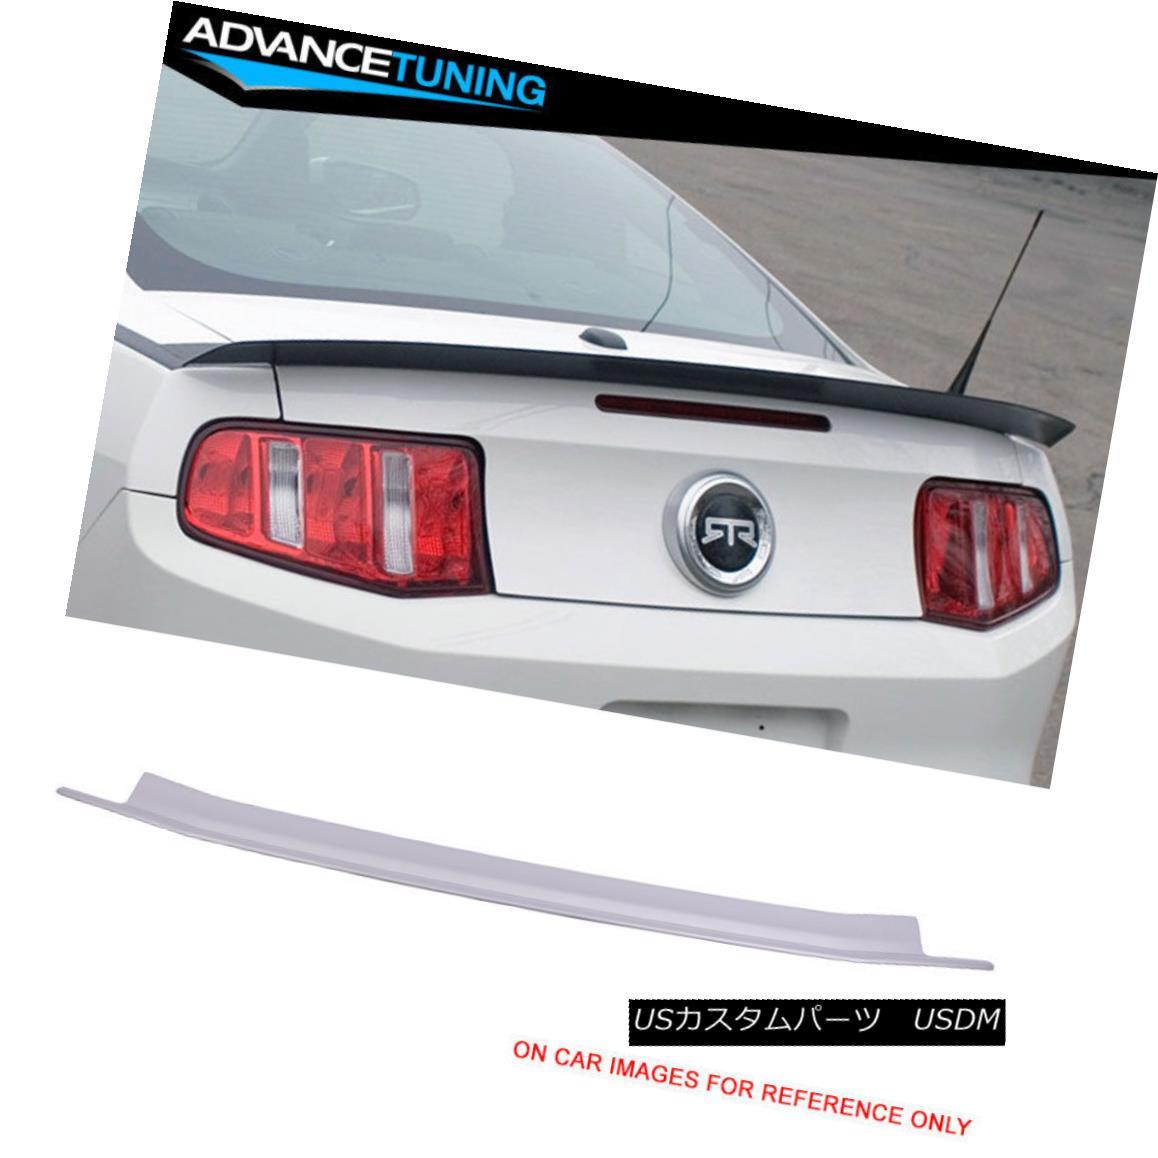 エアロパーツ 10-14 Mustang OEM Painted Color Ingot Silver Metallic #UX Trunk Spoiler 10-14ムスタングOEM塗装カラーインゴットシルバーメタリック#UXトランク・スポイラー